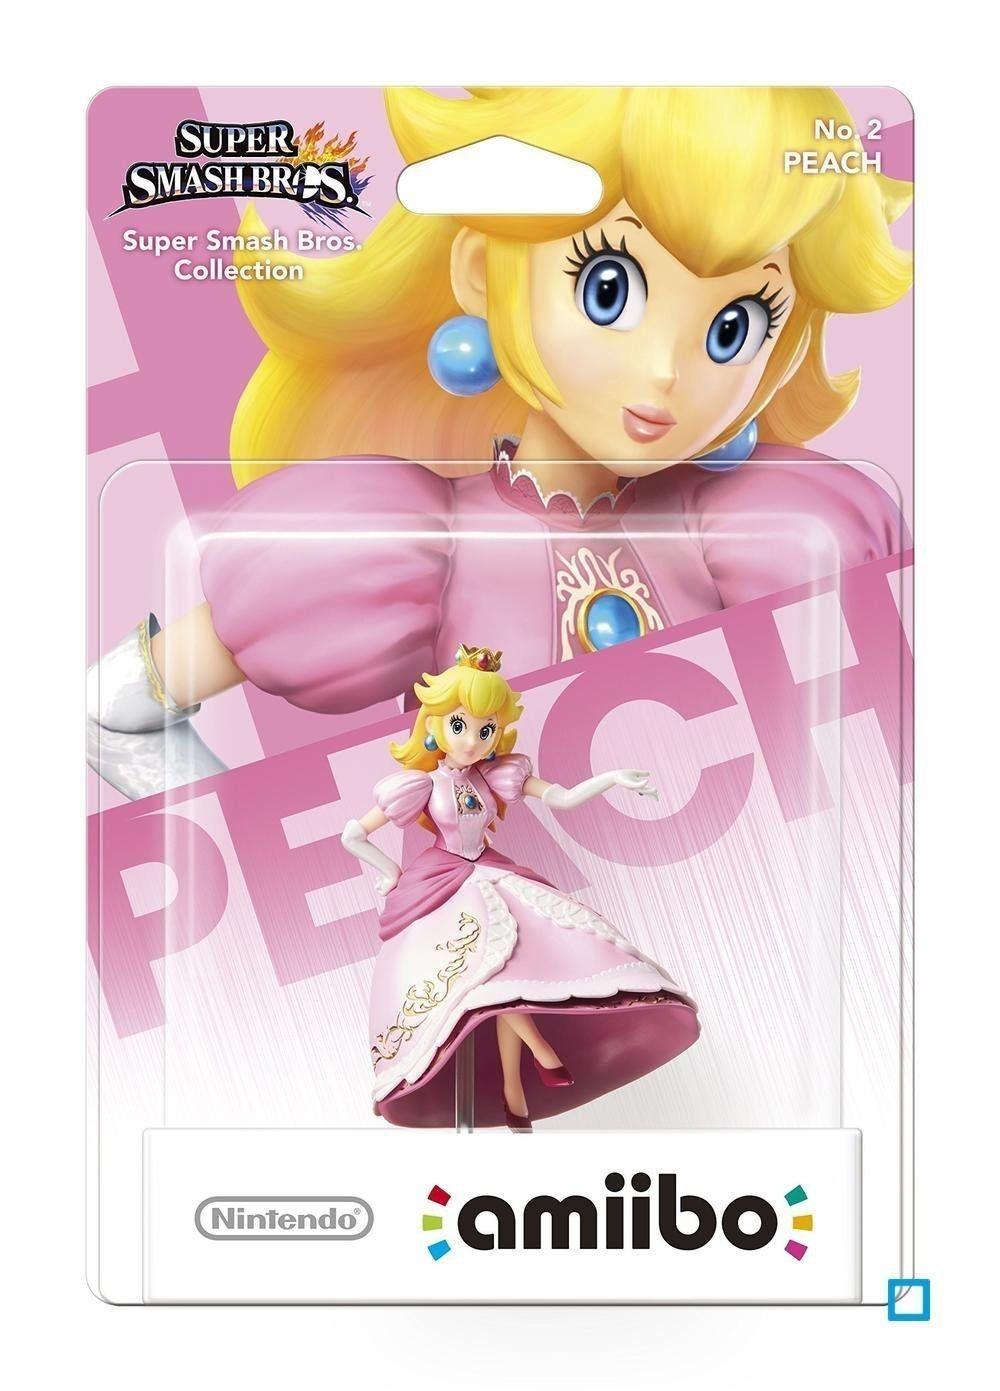 Nintendo Amiibo фигура Peach No.2 [Super Smash] - 3